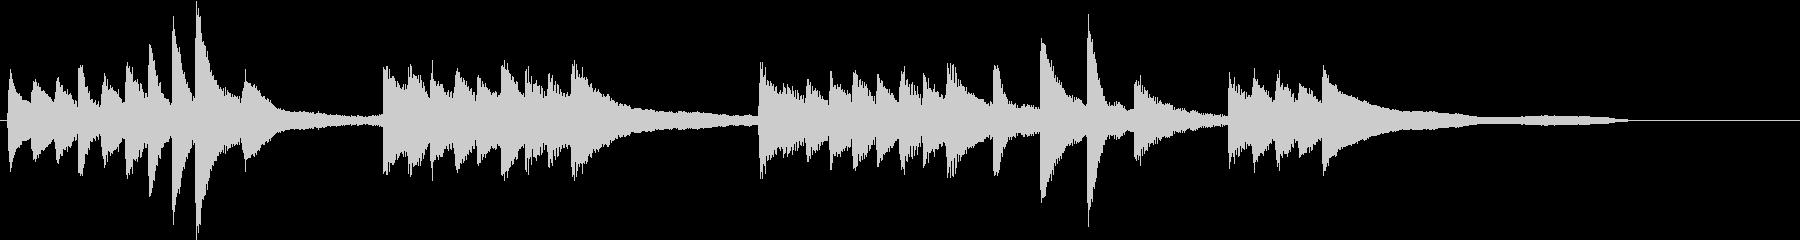 シンプルな和音の爽やか冬のピアノジングルの未再生の波形